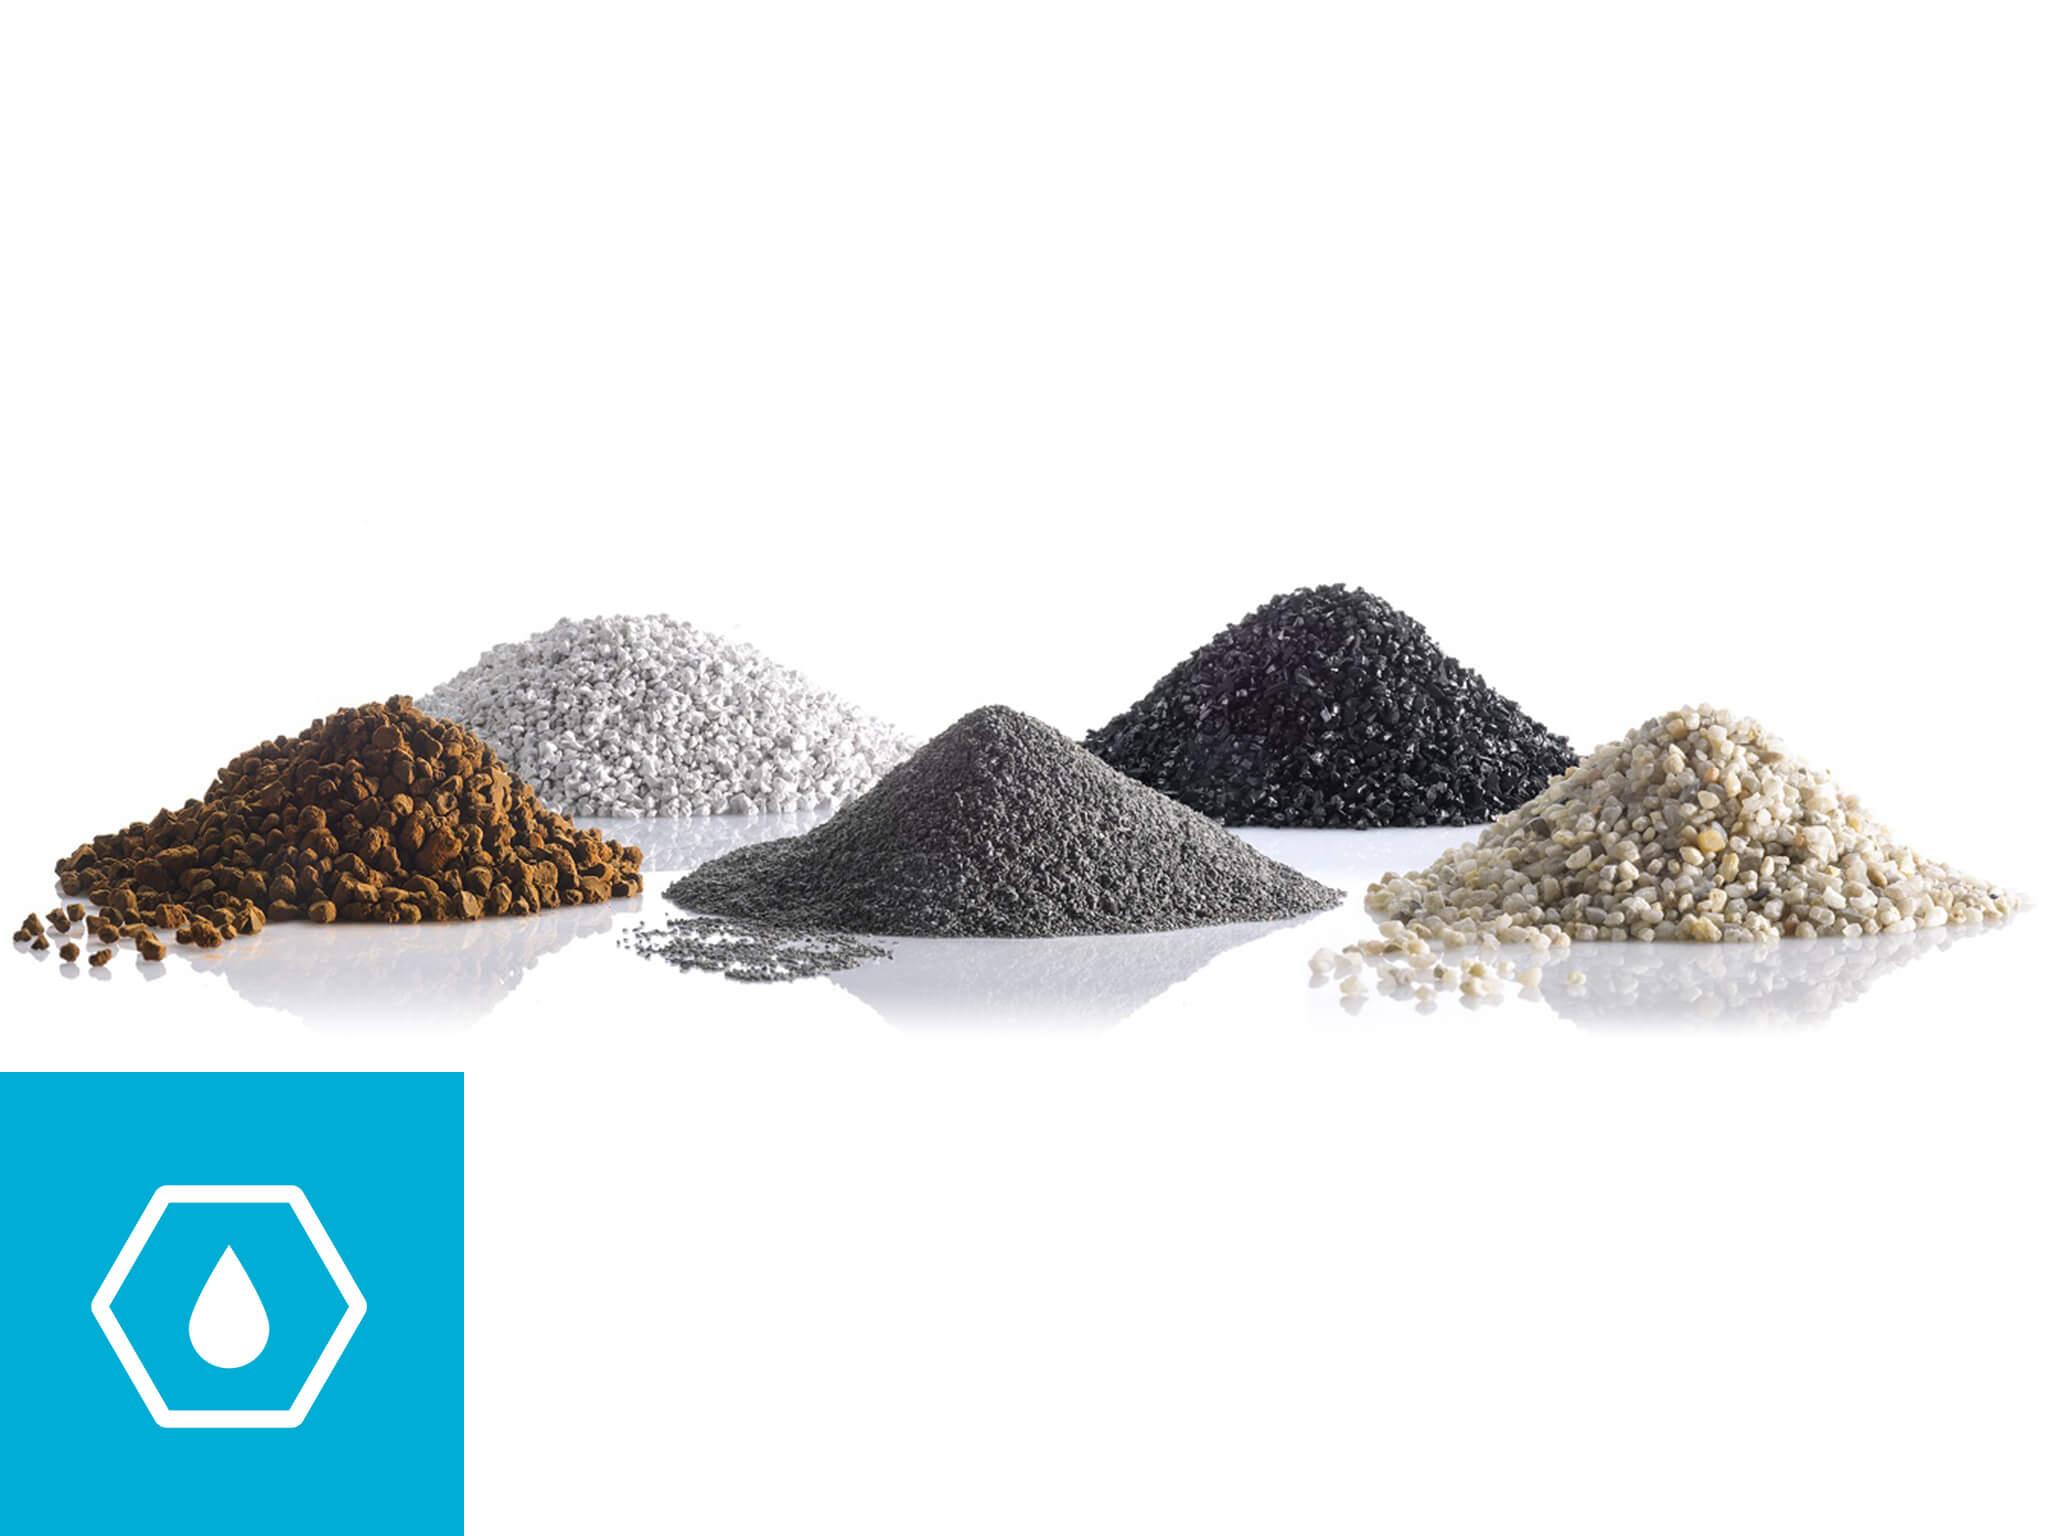 Diversi tipi di materiali filtranti, vengono utilizzati negli impianti di filtrazione delle acque per eliminare le impurezze solide in sospensione.